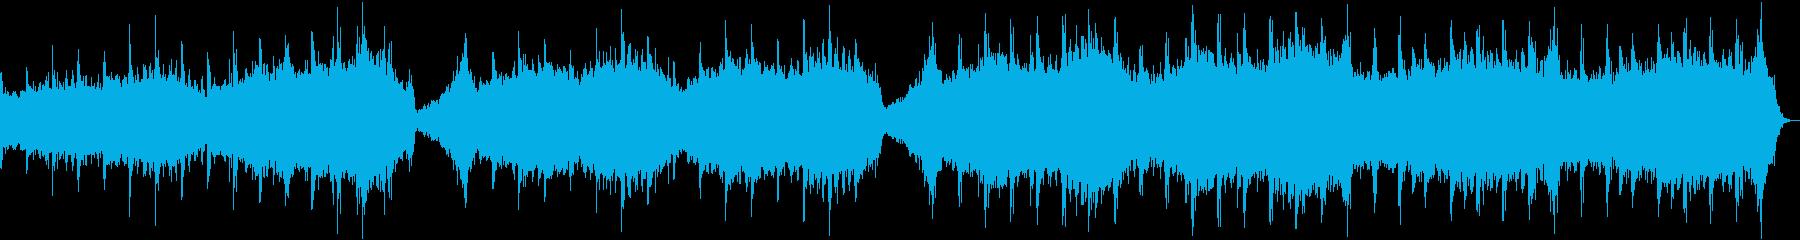 現代の交響曲 劇的な 厳Sol 文...の再生済みの波形